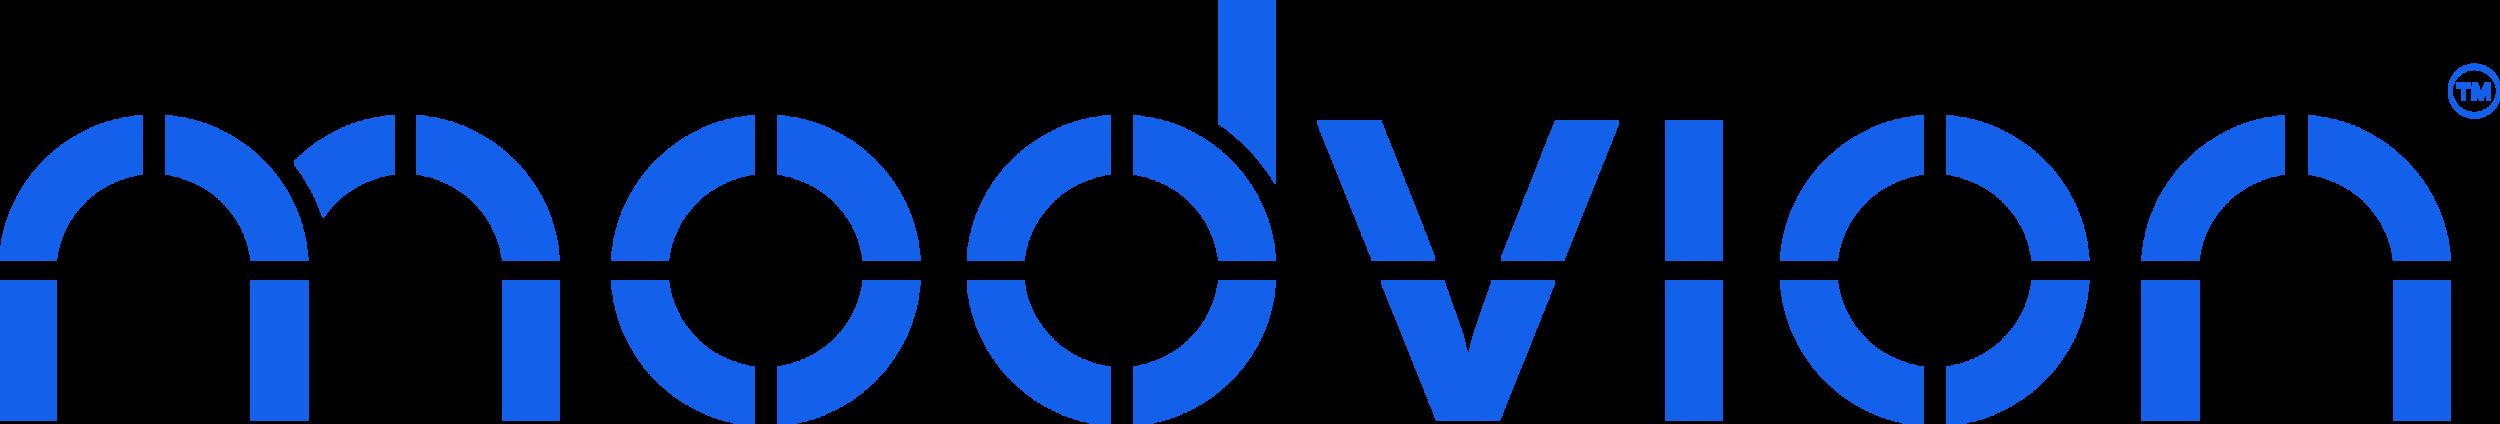 modvion_logotype_blue.png